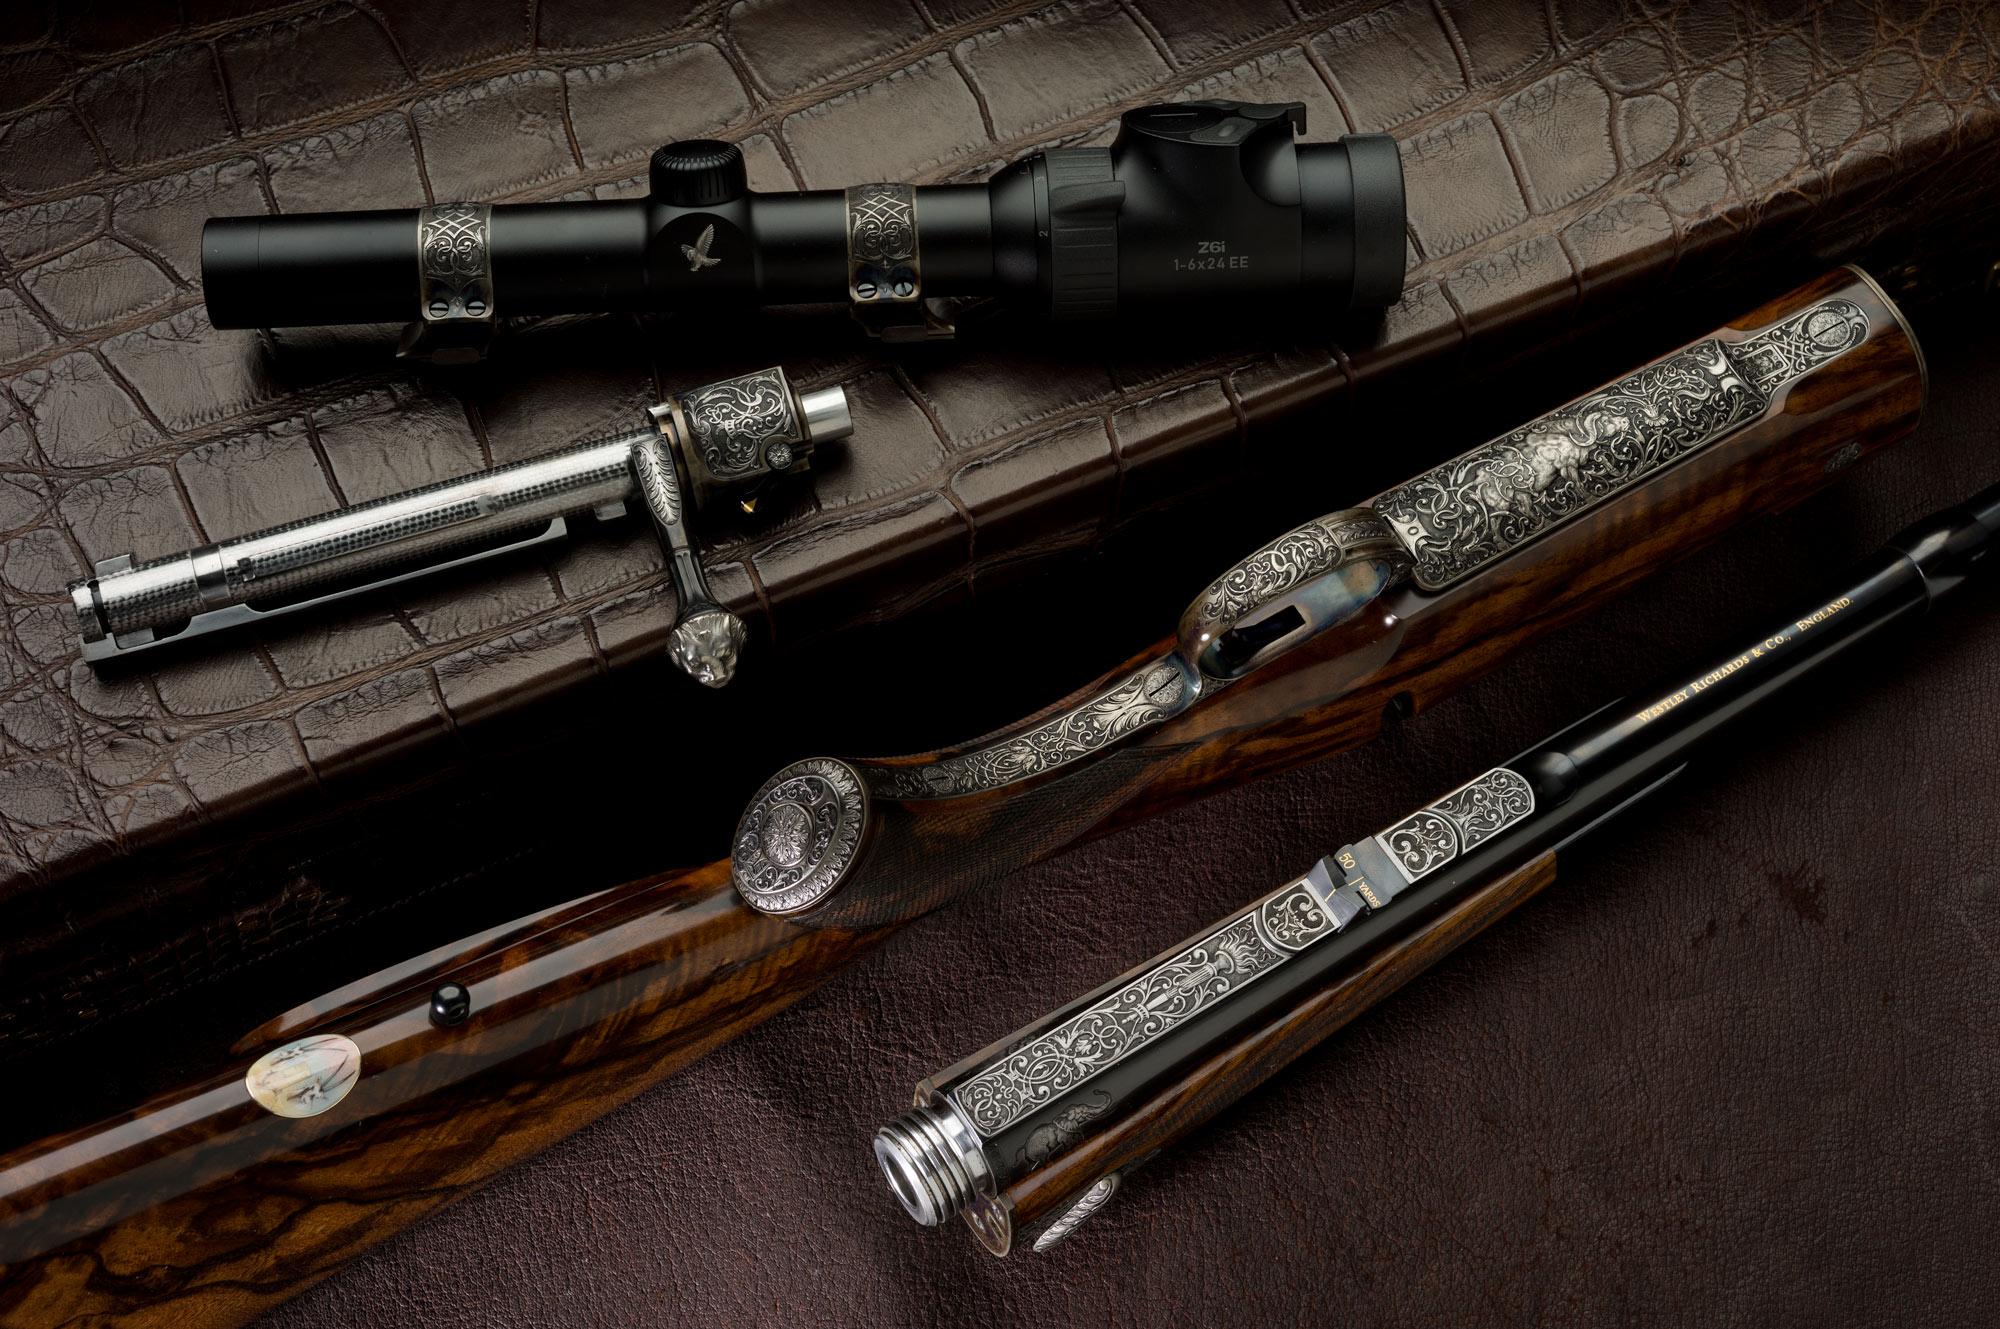 416-Take-Down-Rifle-Westley-Richards-Lantuch